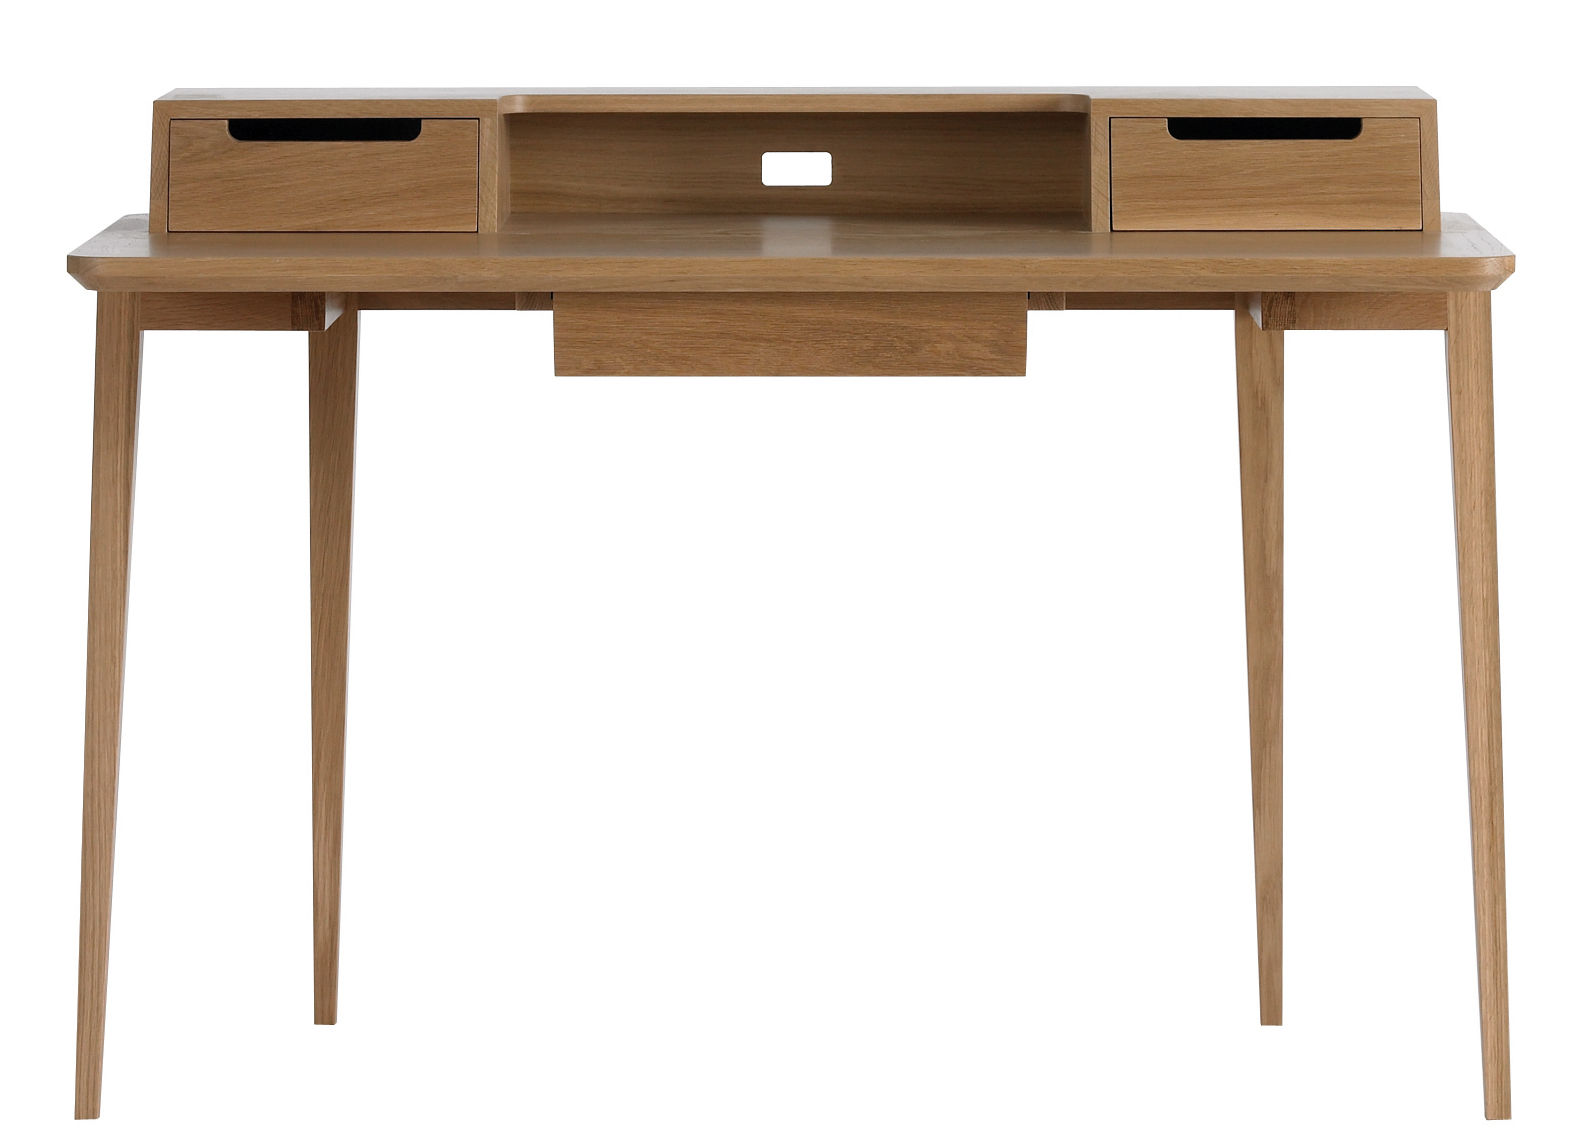 Möbel - Büromöbel - Treviso Schreibtisch - Ercol - Holz natur - massive Eiche